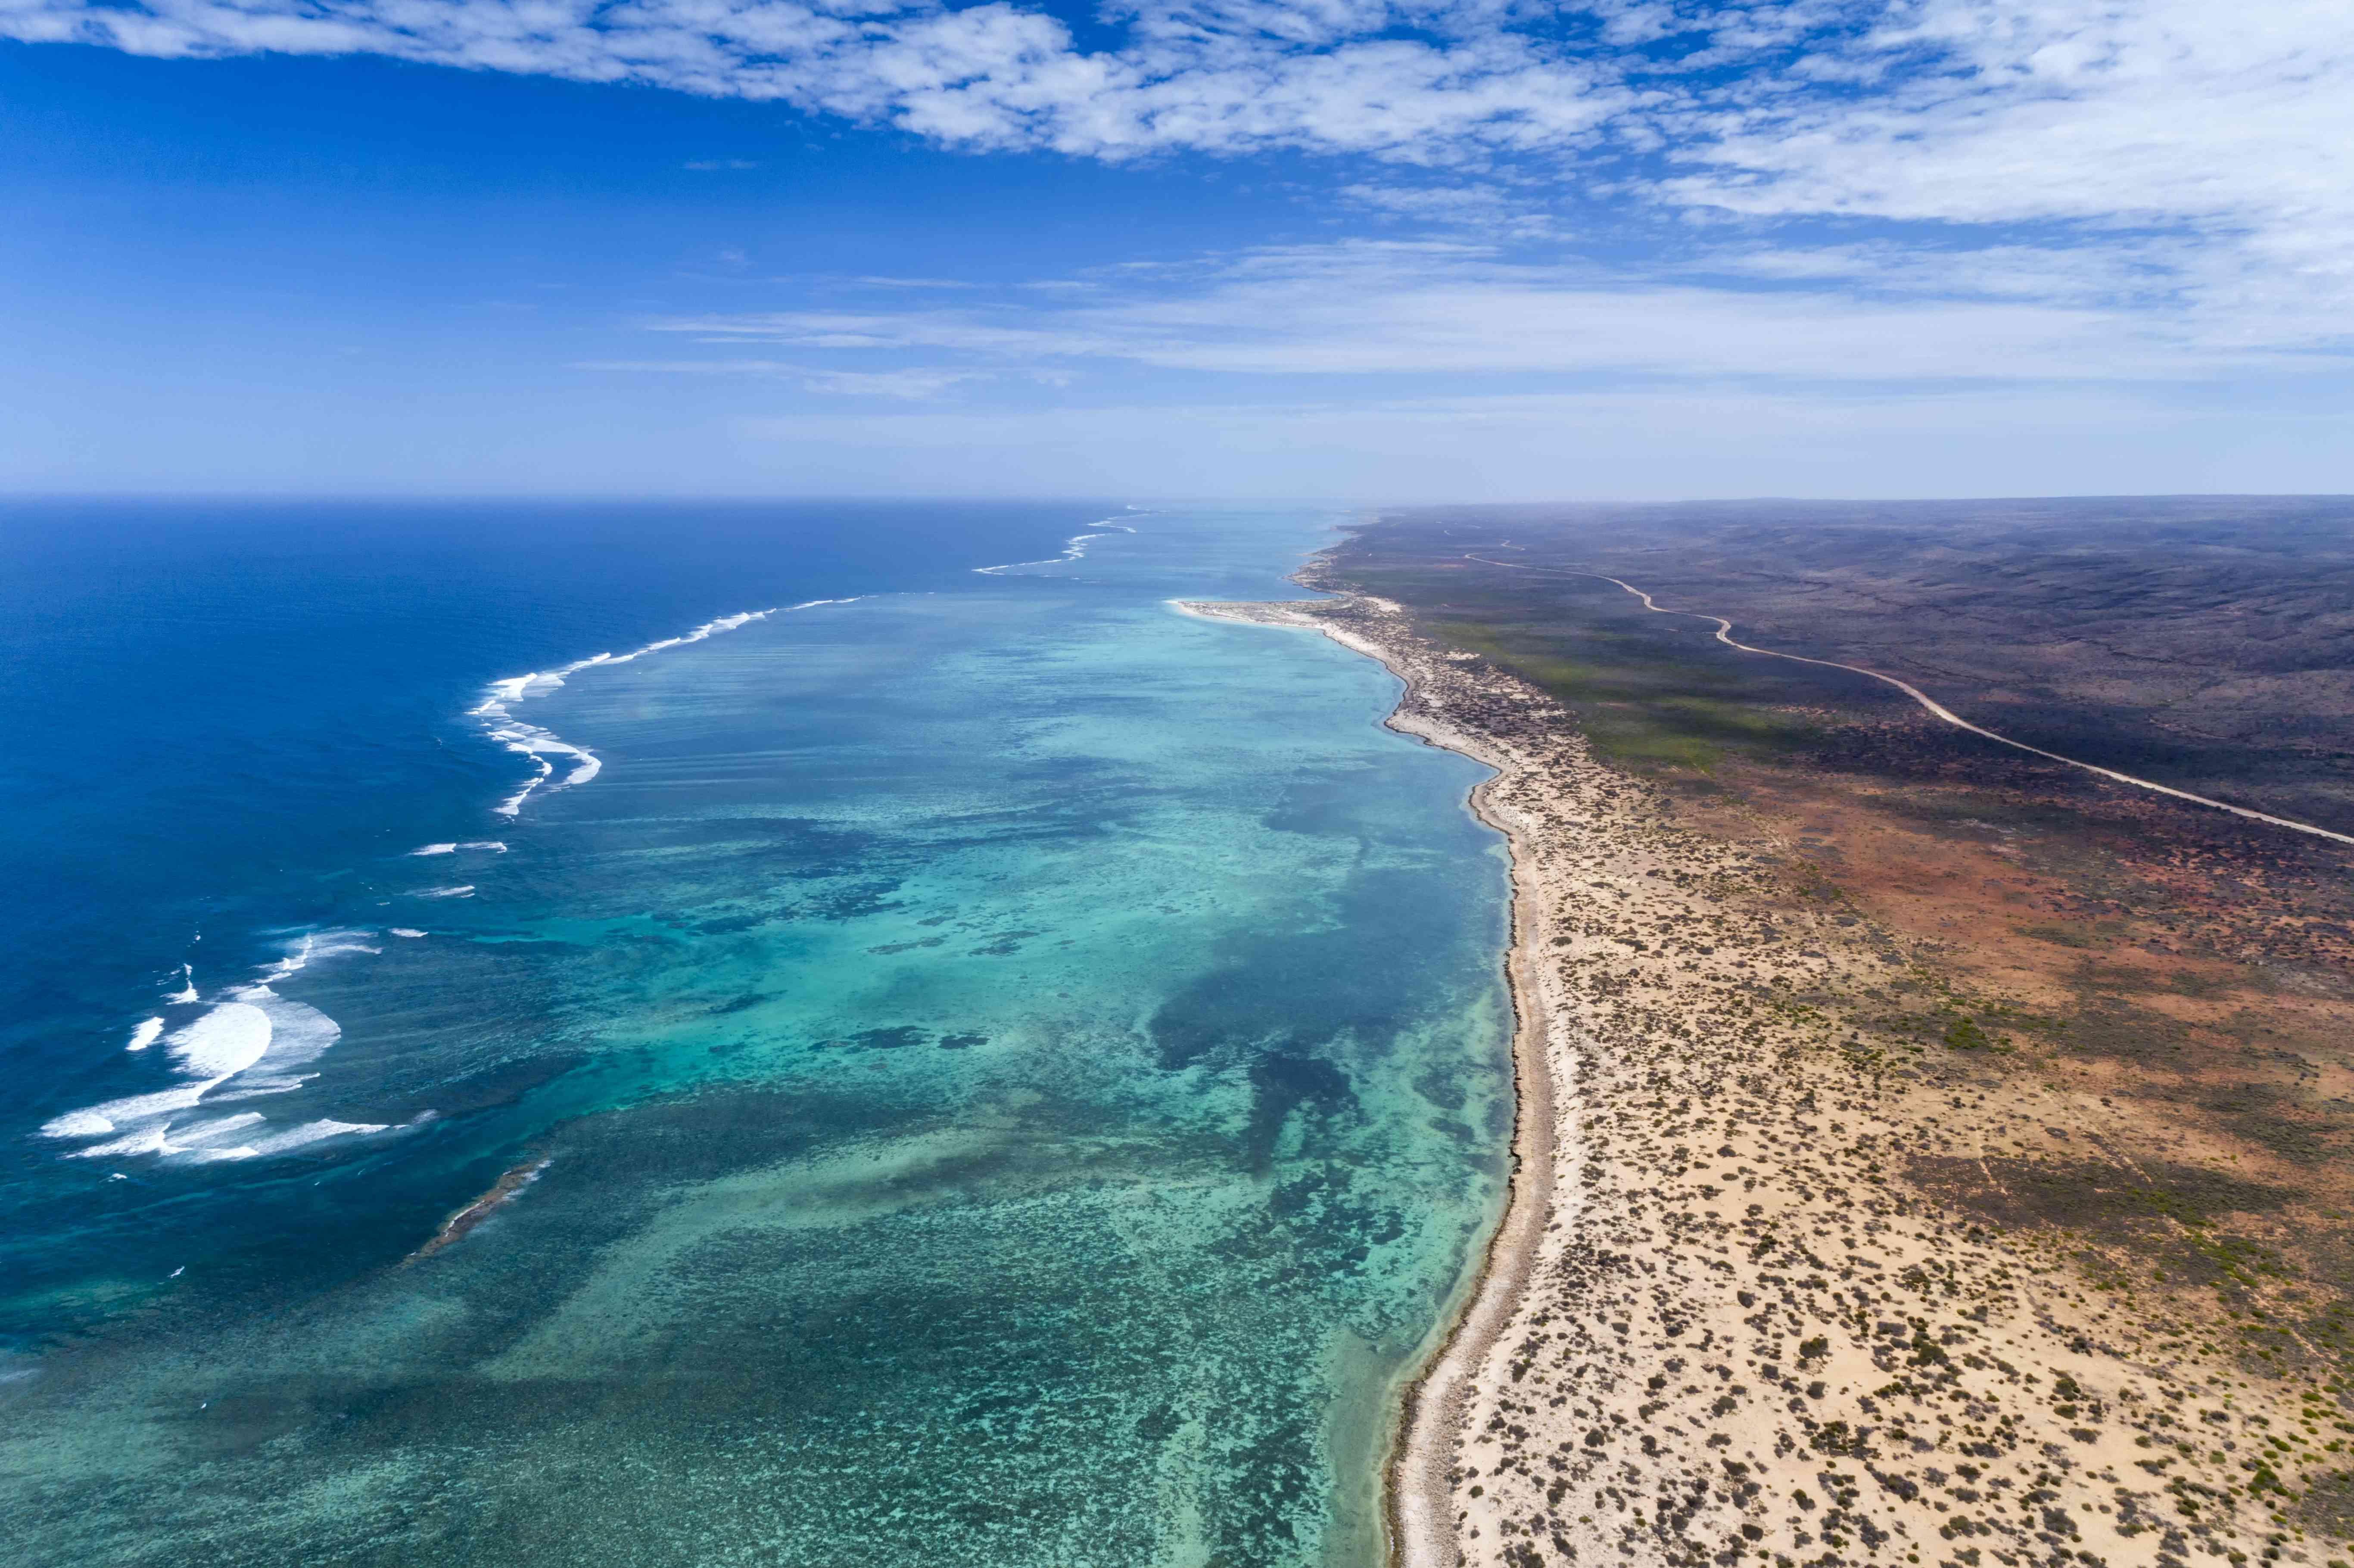 Aerial over the turquoise sea on the coast near Exmouth, Australia